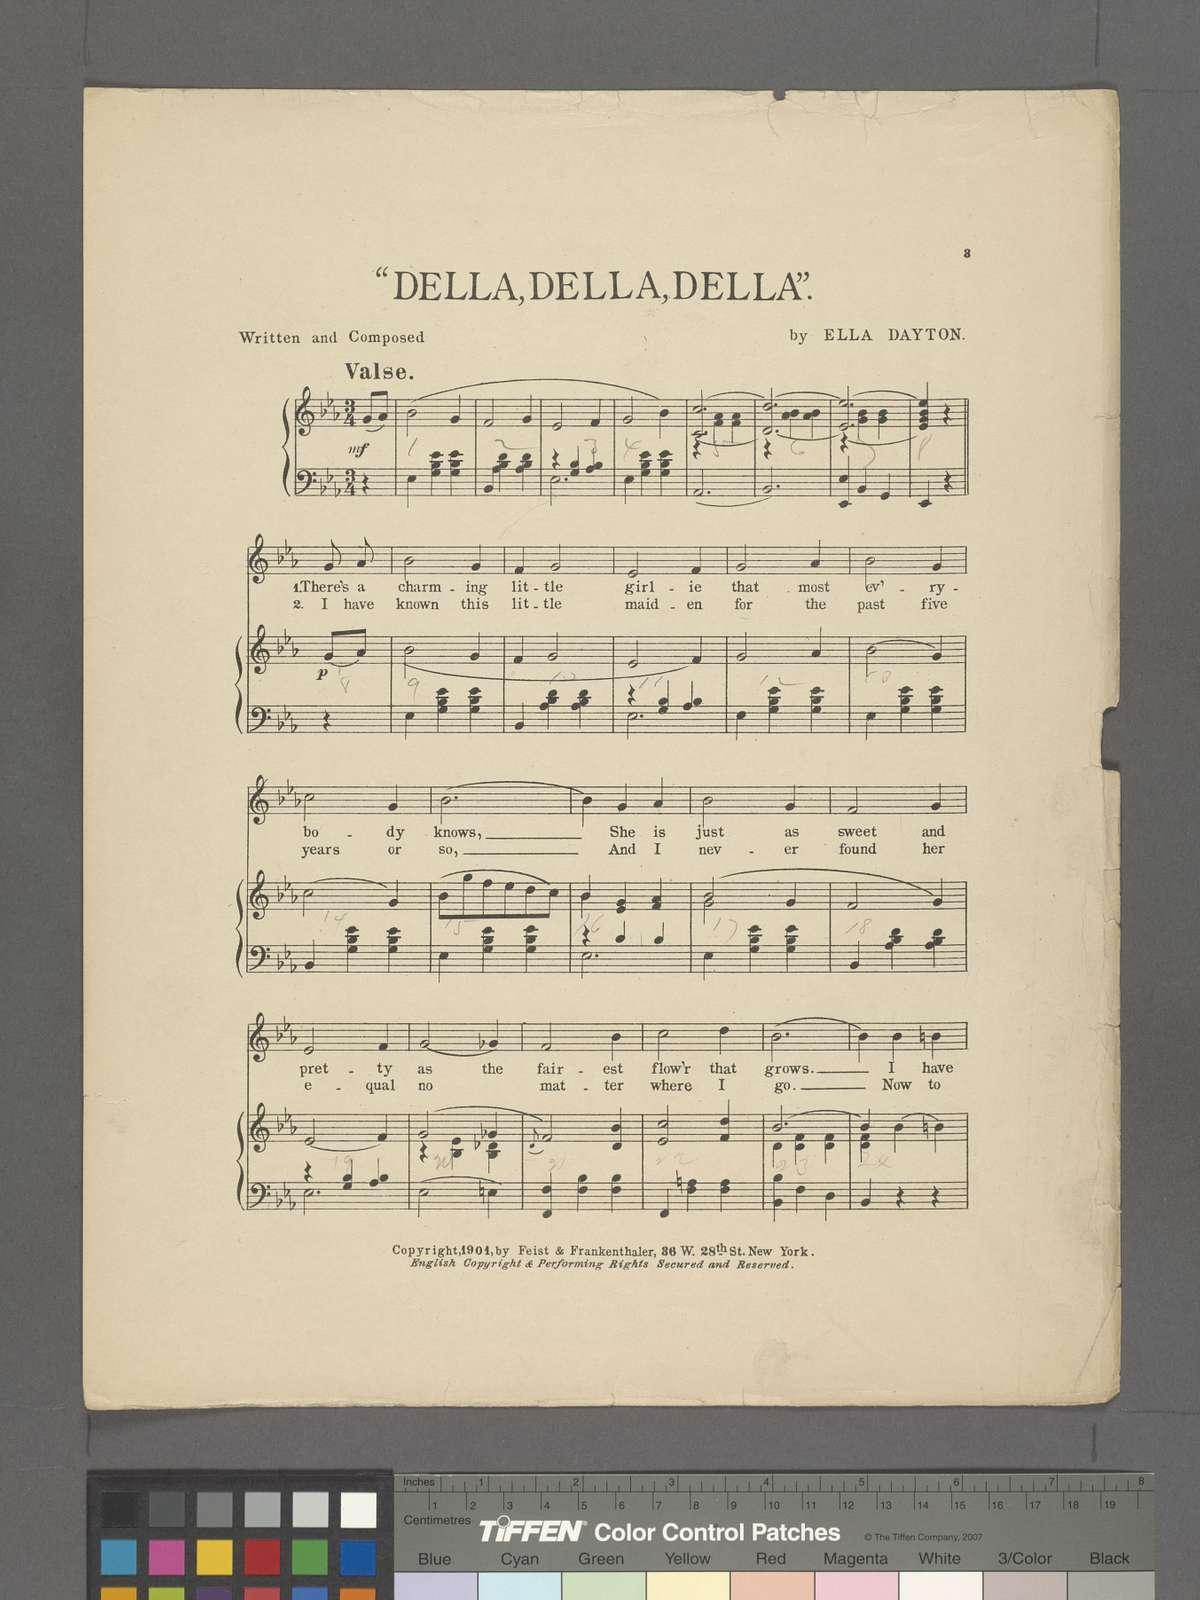 Della, Della, Della